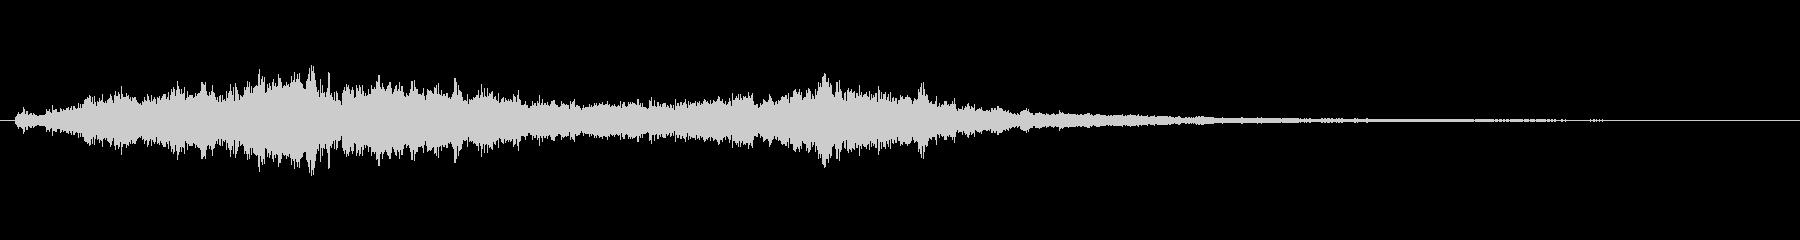 ボコーダ ボコーダーボーカル04の未再生の波形